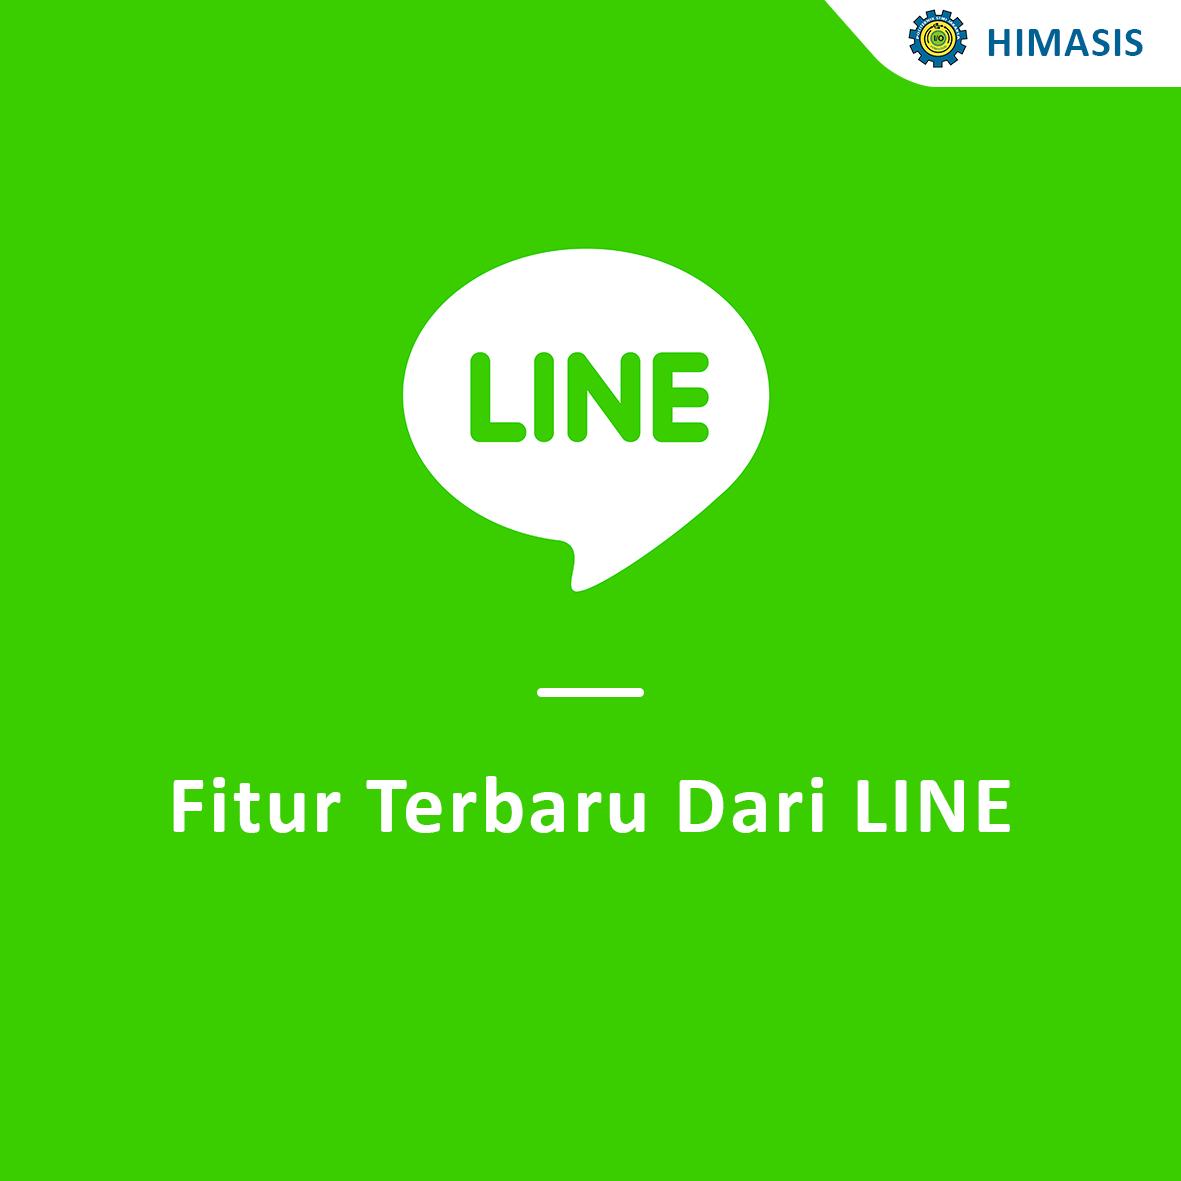 Fitur terbaru dari LINE